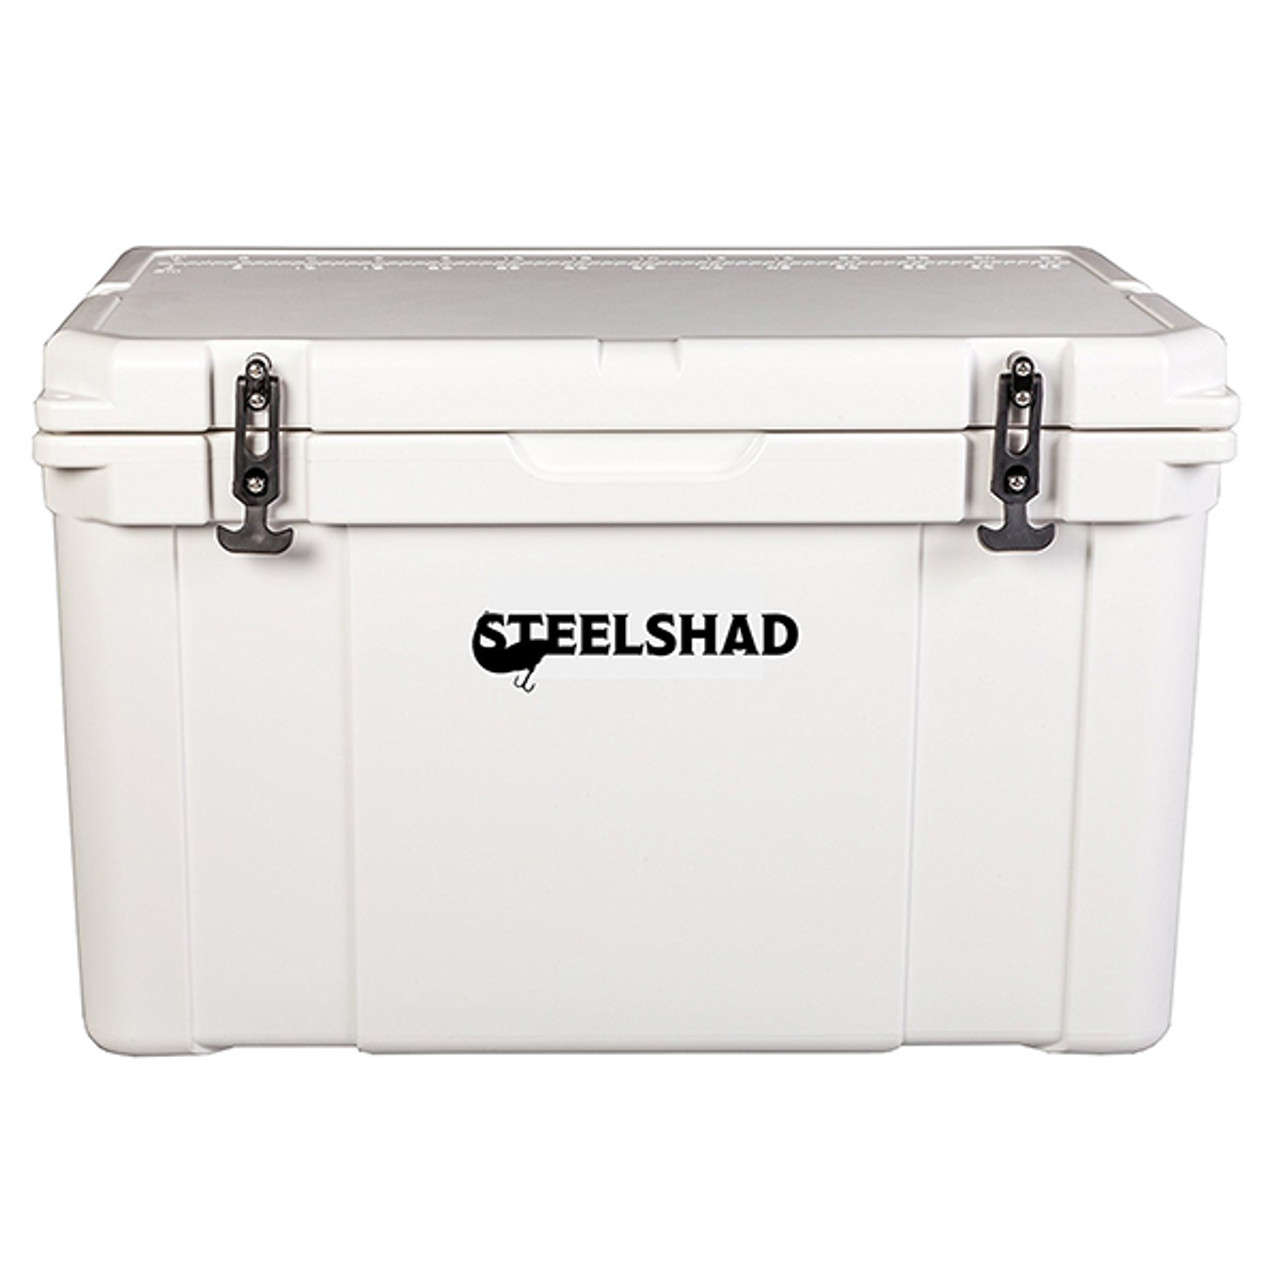 SteelShad Super Cooler - 50L